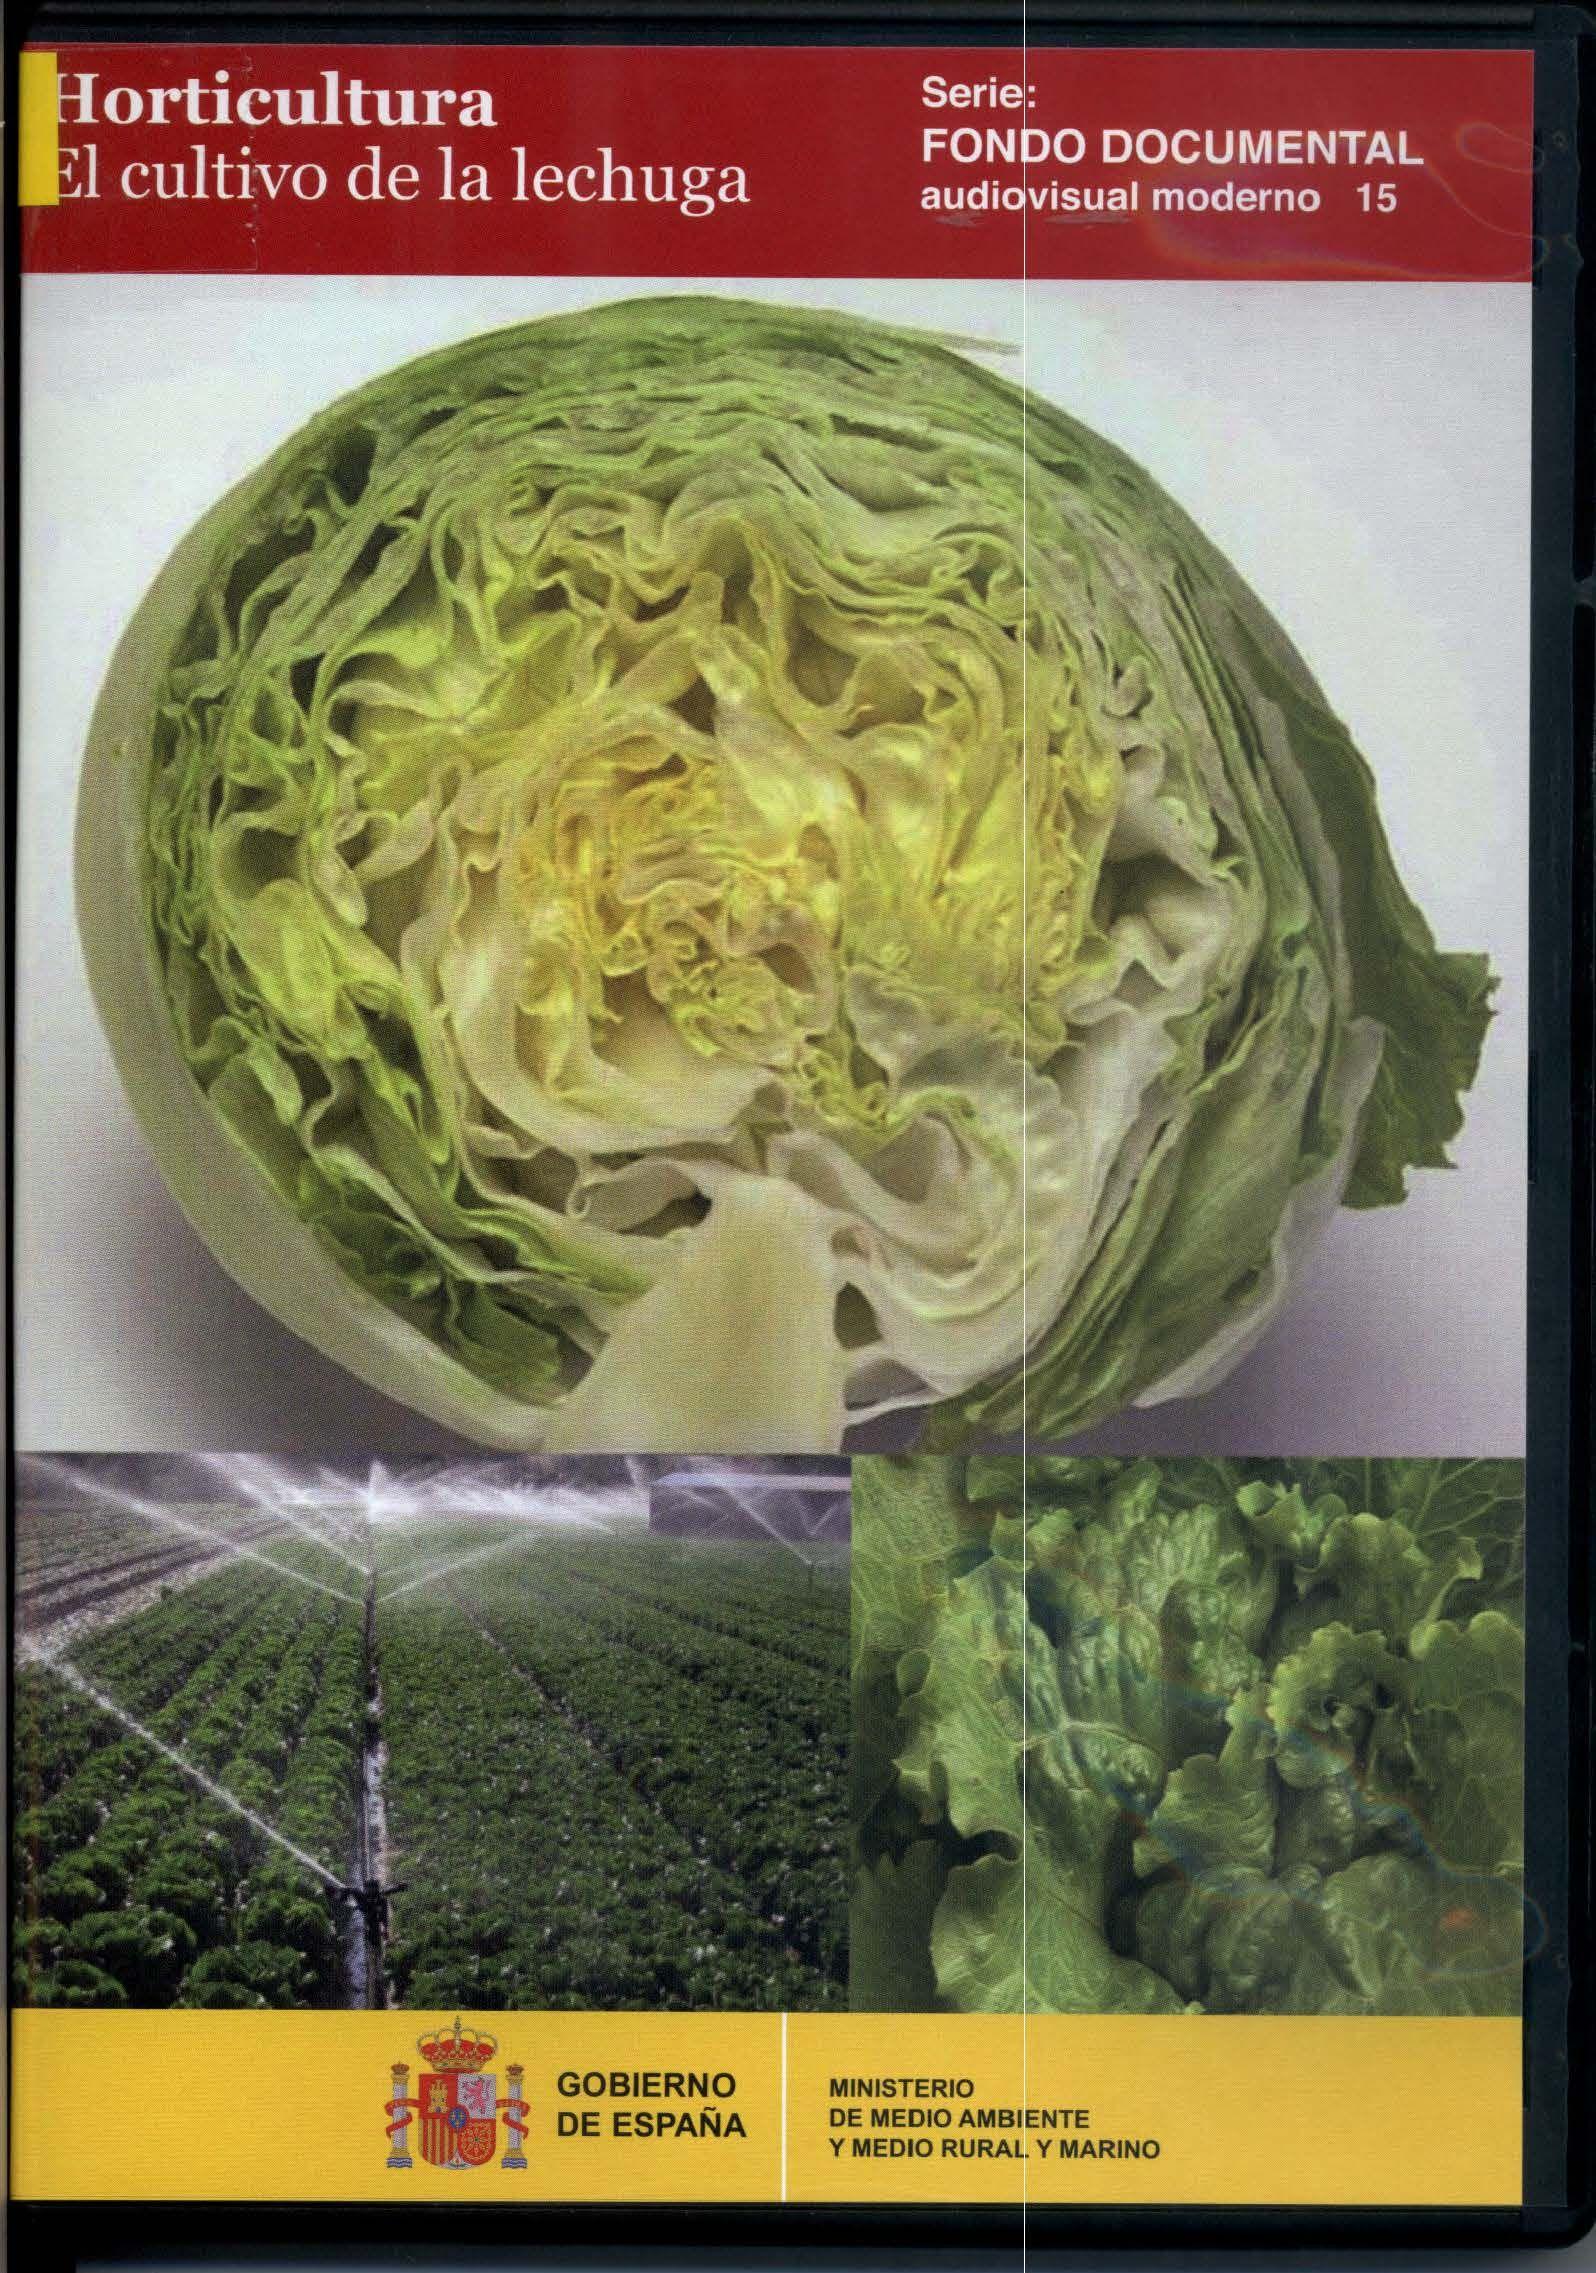 Horticultura [Vídeo (DVD)] : el cultivo de la lechuga / director, Pedro Hoyos Echevarría. Ministerio de Medio Ambiente y Medio Rural y Marino, Centro de Publicaciones, D.L. 2011